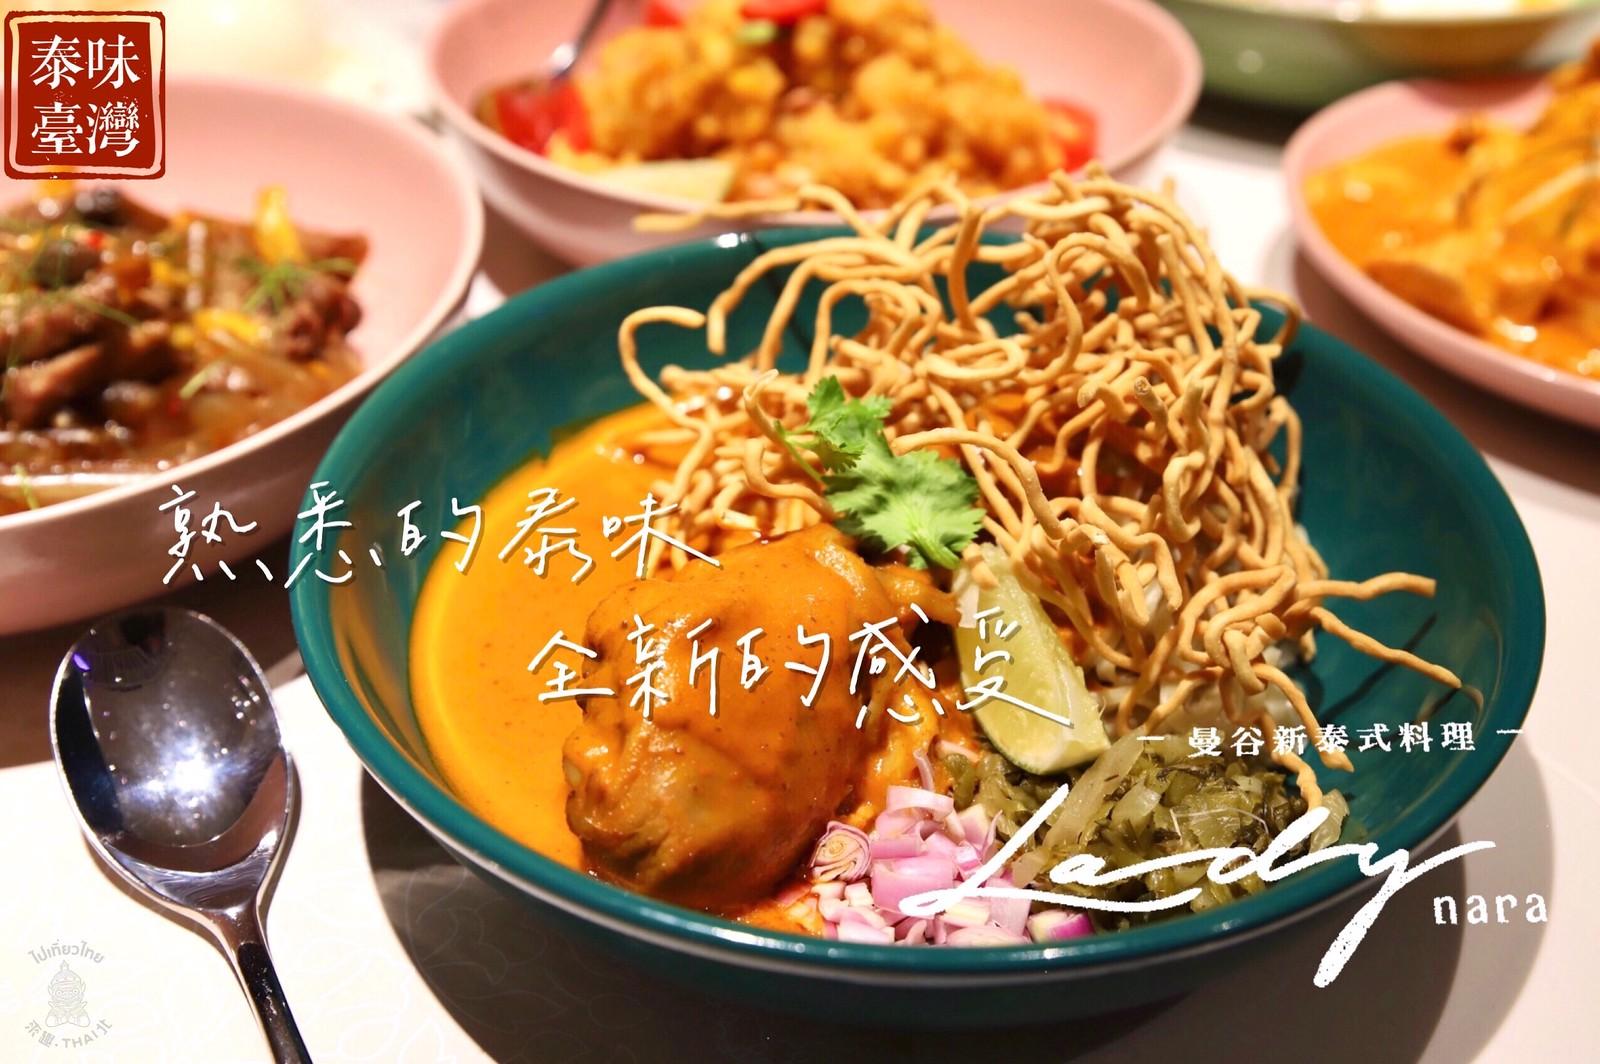 熟悉的泰味.全新的感受。曼谷新泰式料理『Lady nara』